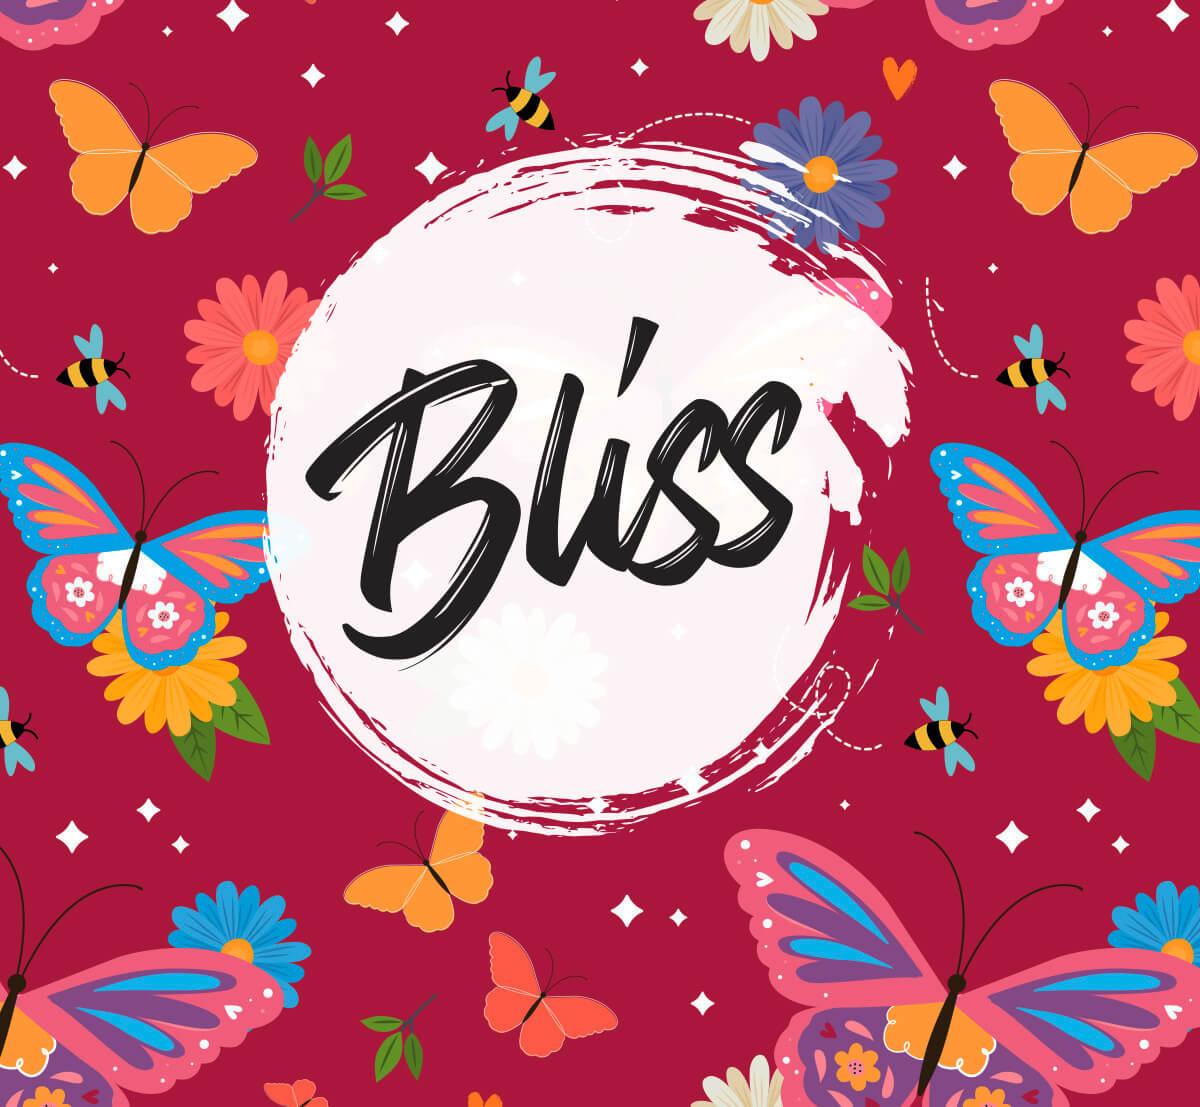 Bliss Misto